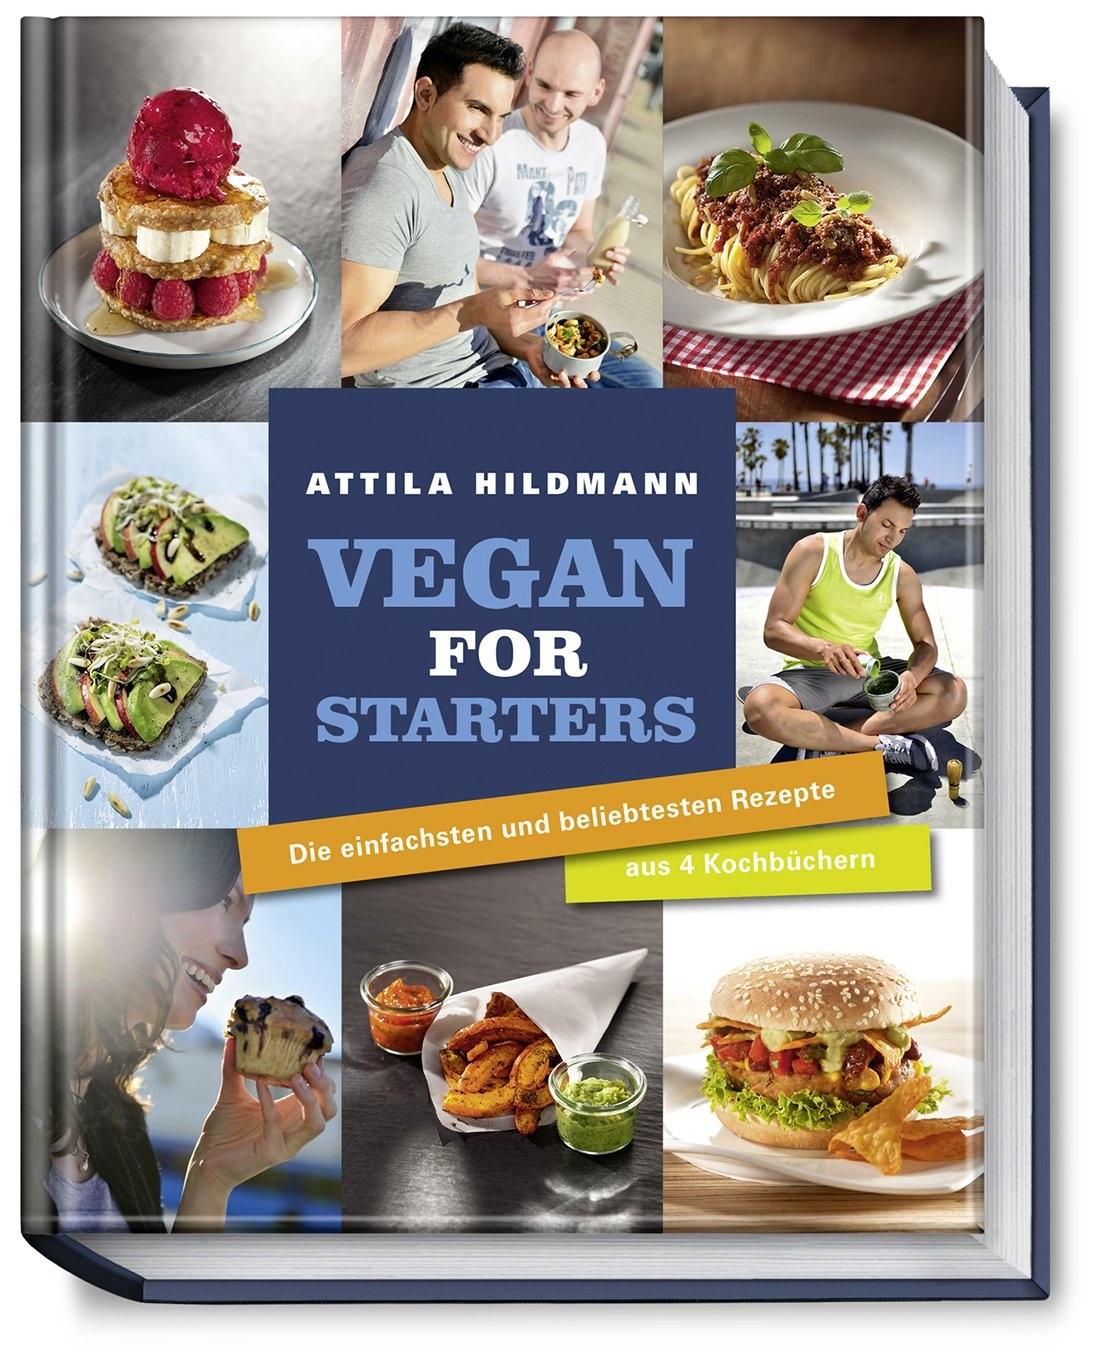 Vegan for Starters. Die einfachsten und beliebtesten Rezepte aus vier Kochbüchern - Attila Hildmann